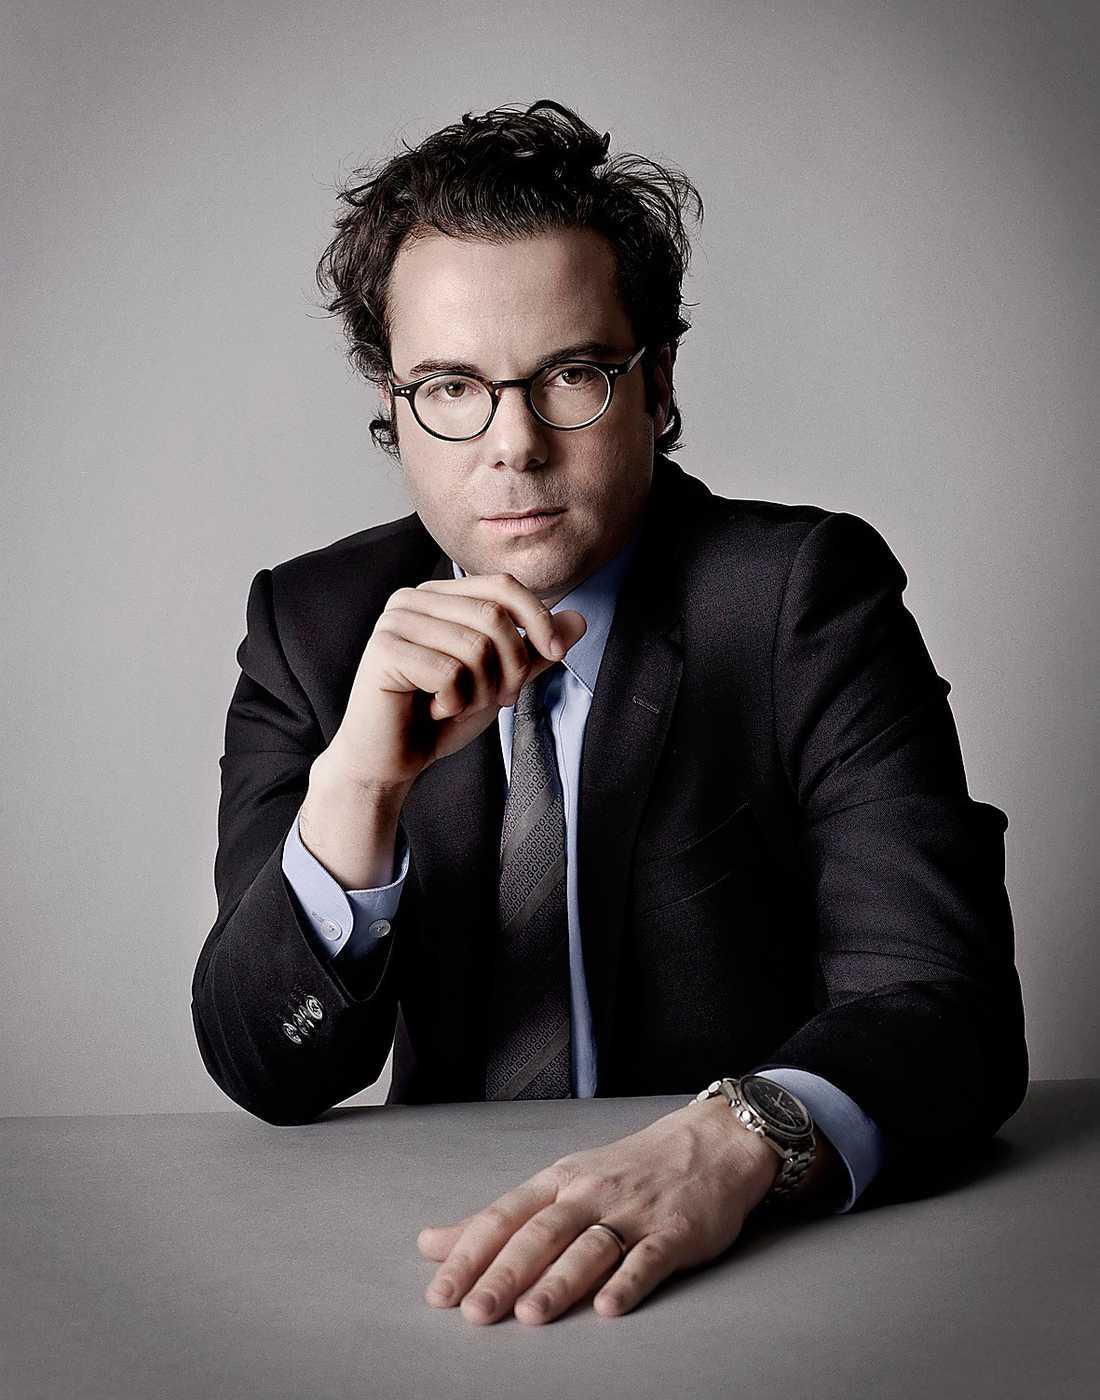 Simon Blecher, 35, är fil kand i företagsekonomi och har jobbat för såväl Affärsvärden som Dagens Nyheter. Och som förvaltare av över 61000 svenskars PPM-pengar hos Carnegie ligger han försiktigt på plus.